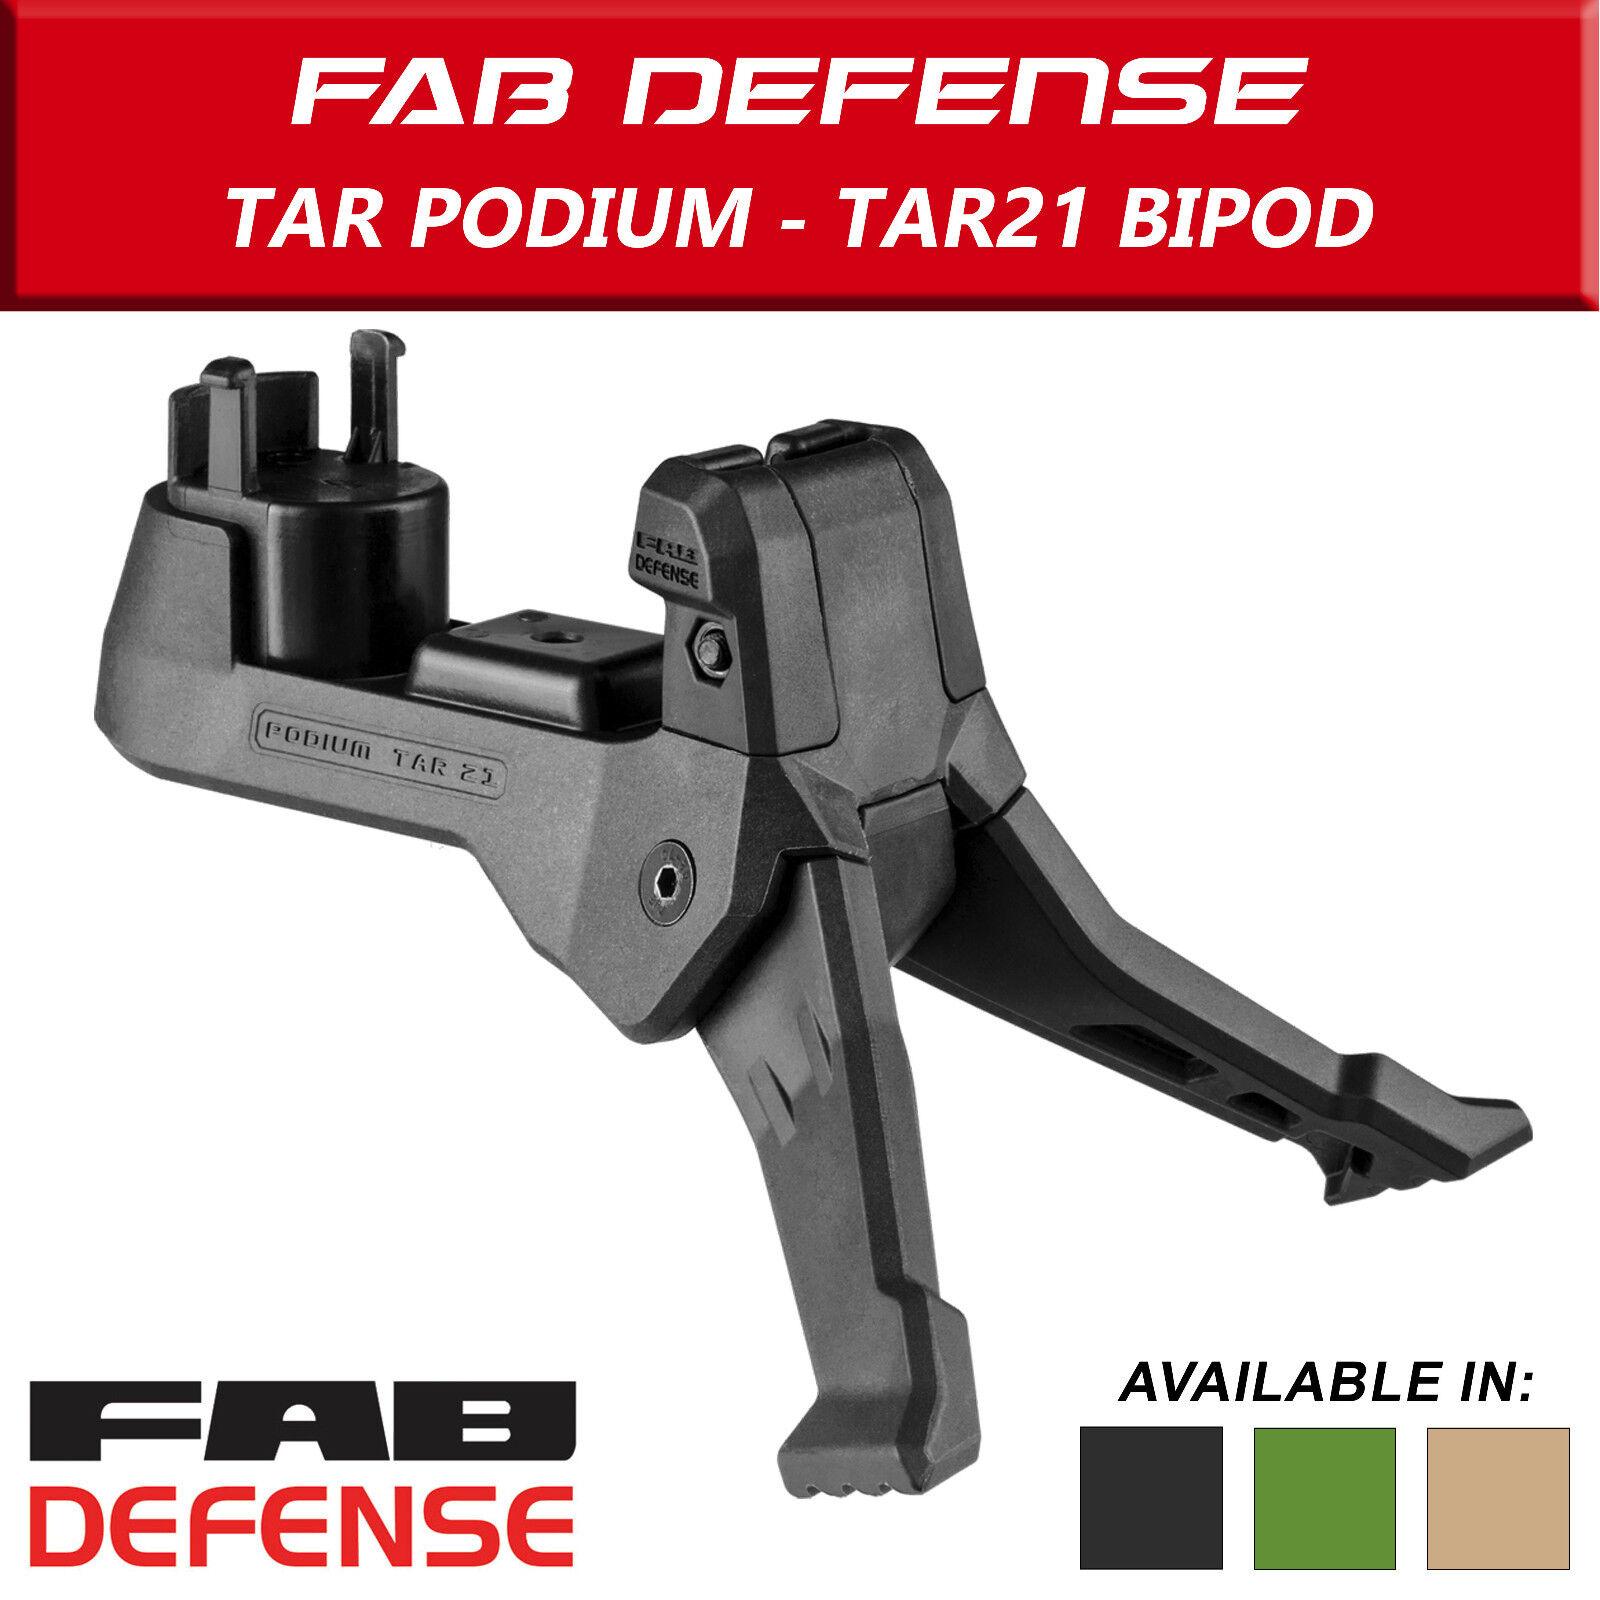 FAB defensa rápida implementación bípode para alquitrán 21 CTAR 21 gtar 21 estrellas 21 Tar podio